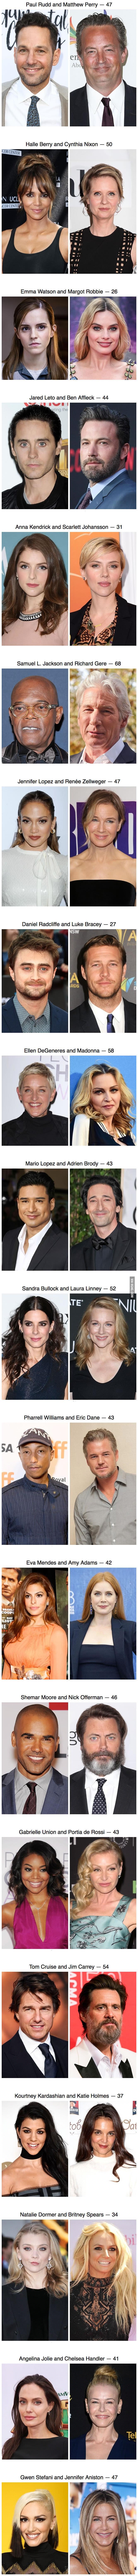 glumci-istih-godina-o